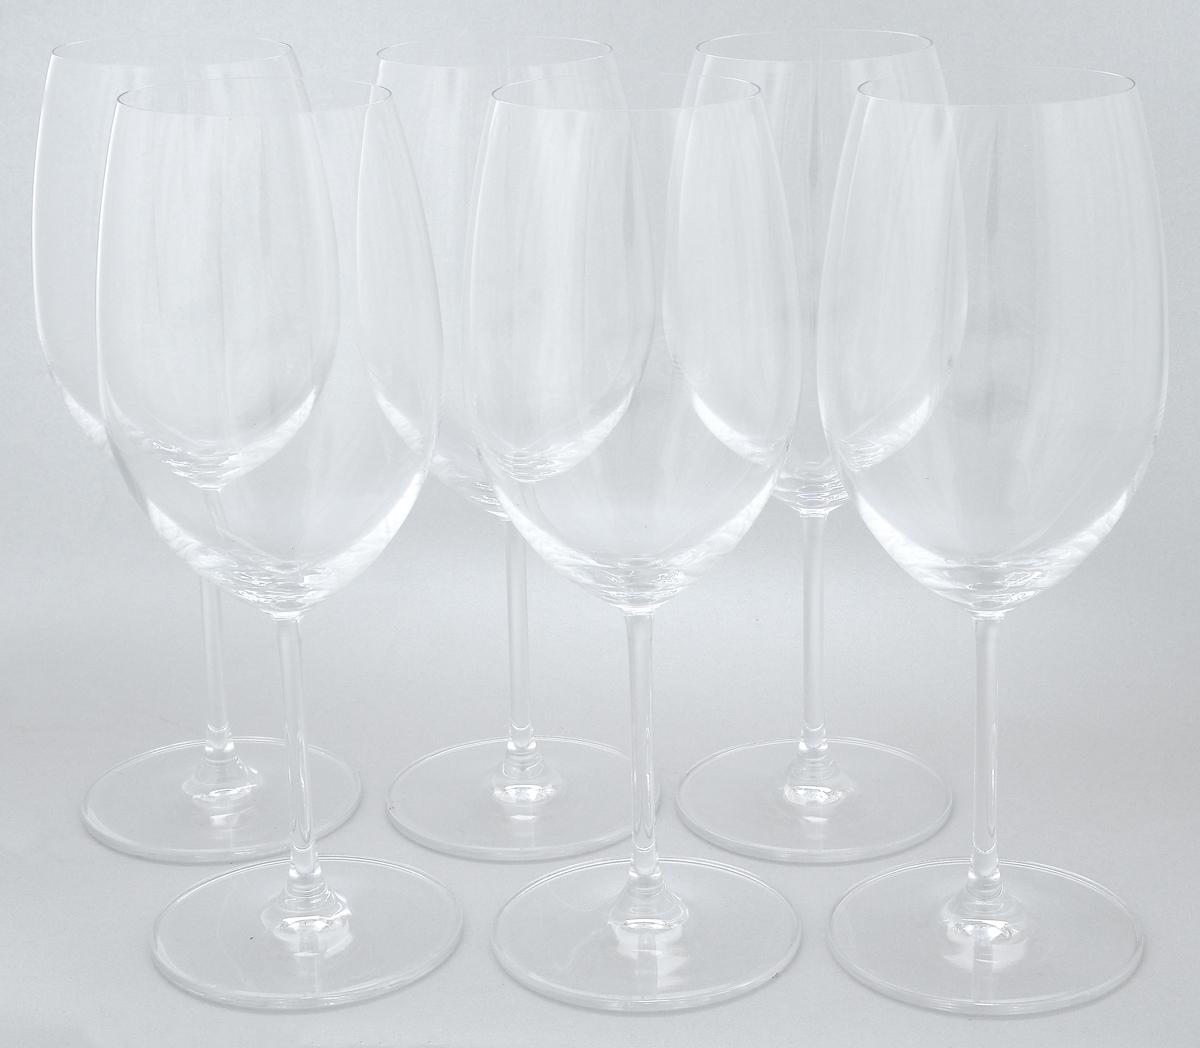 Набор бокалов Pasabahce Vintage, 600 мл, 6 шт66125NНабор Pasabahce Vintage состоит из шести бокалов, выполненных из прочного натрий-кальций-силикатного стекла. Изделия оснащены высокими ножками. Бокалы предназначены для подачи вина. Они сочетают в себе элегантный дизайн и функциональность. Благодаря такому набору пить напитки будет еще вкуснее. Набор бокалов Pasabahce Vintage прекрасно оформит праздничный стол и создаст приятную атмосферу за романтическим ужином. Такой набор также станет хорошим подарком к любому случаю. Можно мыть в посудомоечной машине и использовать в холодильнике. Диаметр бокала по верхнему краю: 6,8 см. Высота бокала: 24 см.